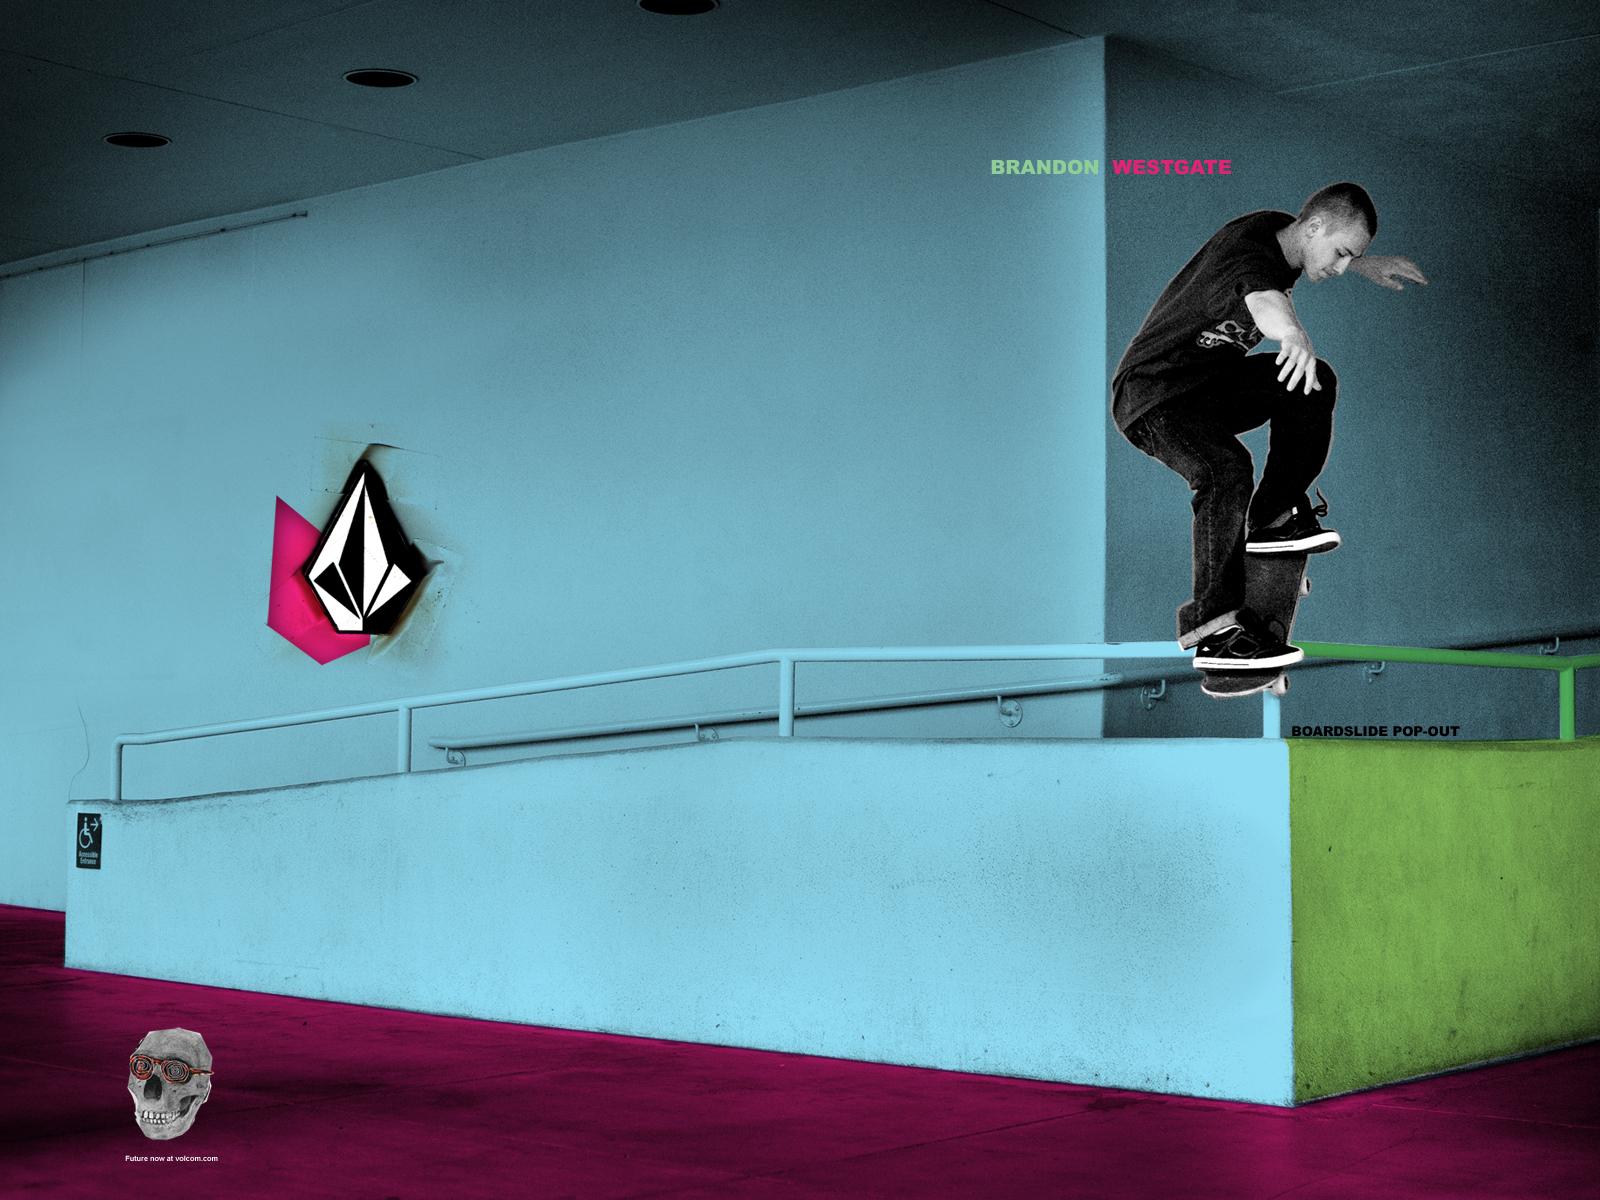 Boardslide Wallpapers Westgate Boardslide Myspace Backgrounds 1600x1200